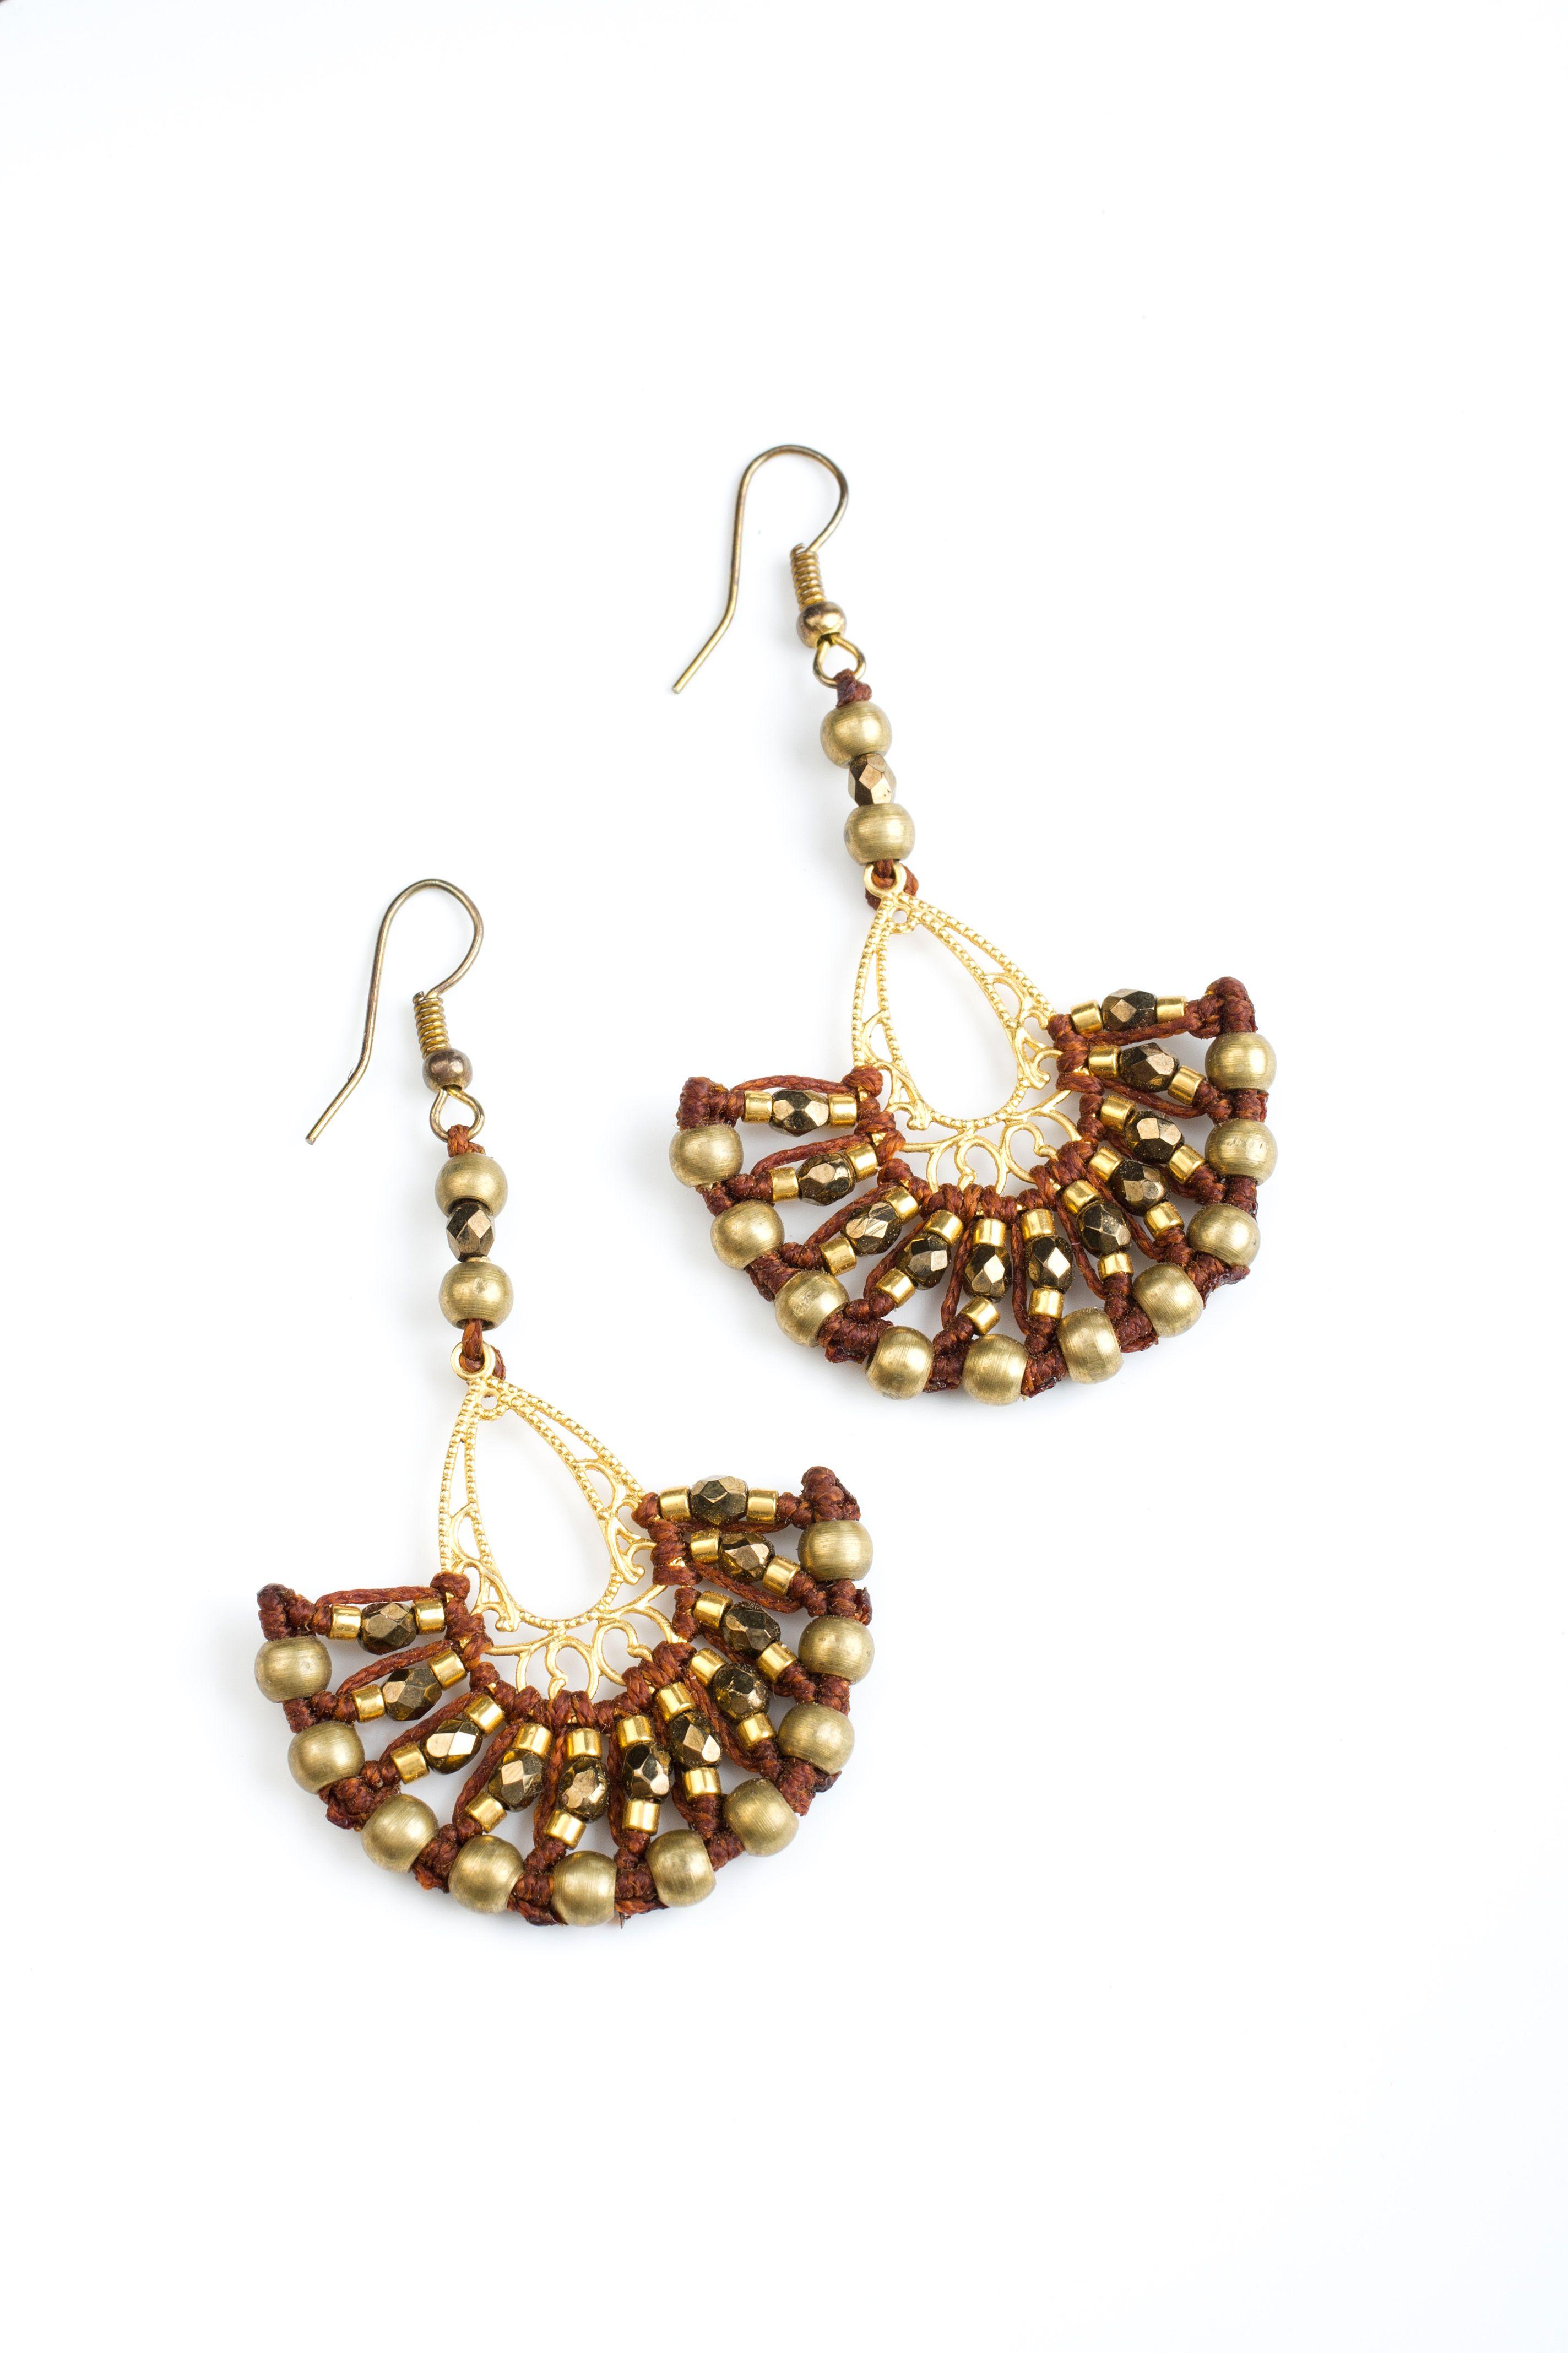 Little golden fan earrings  handmade macrame    * photo by michael topyol